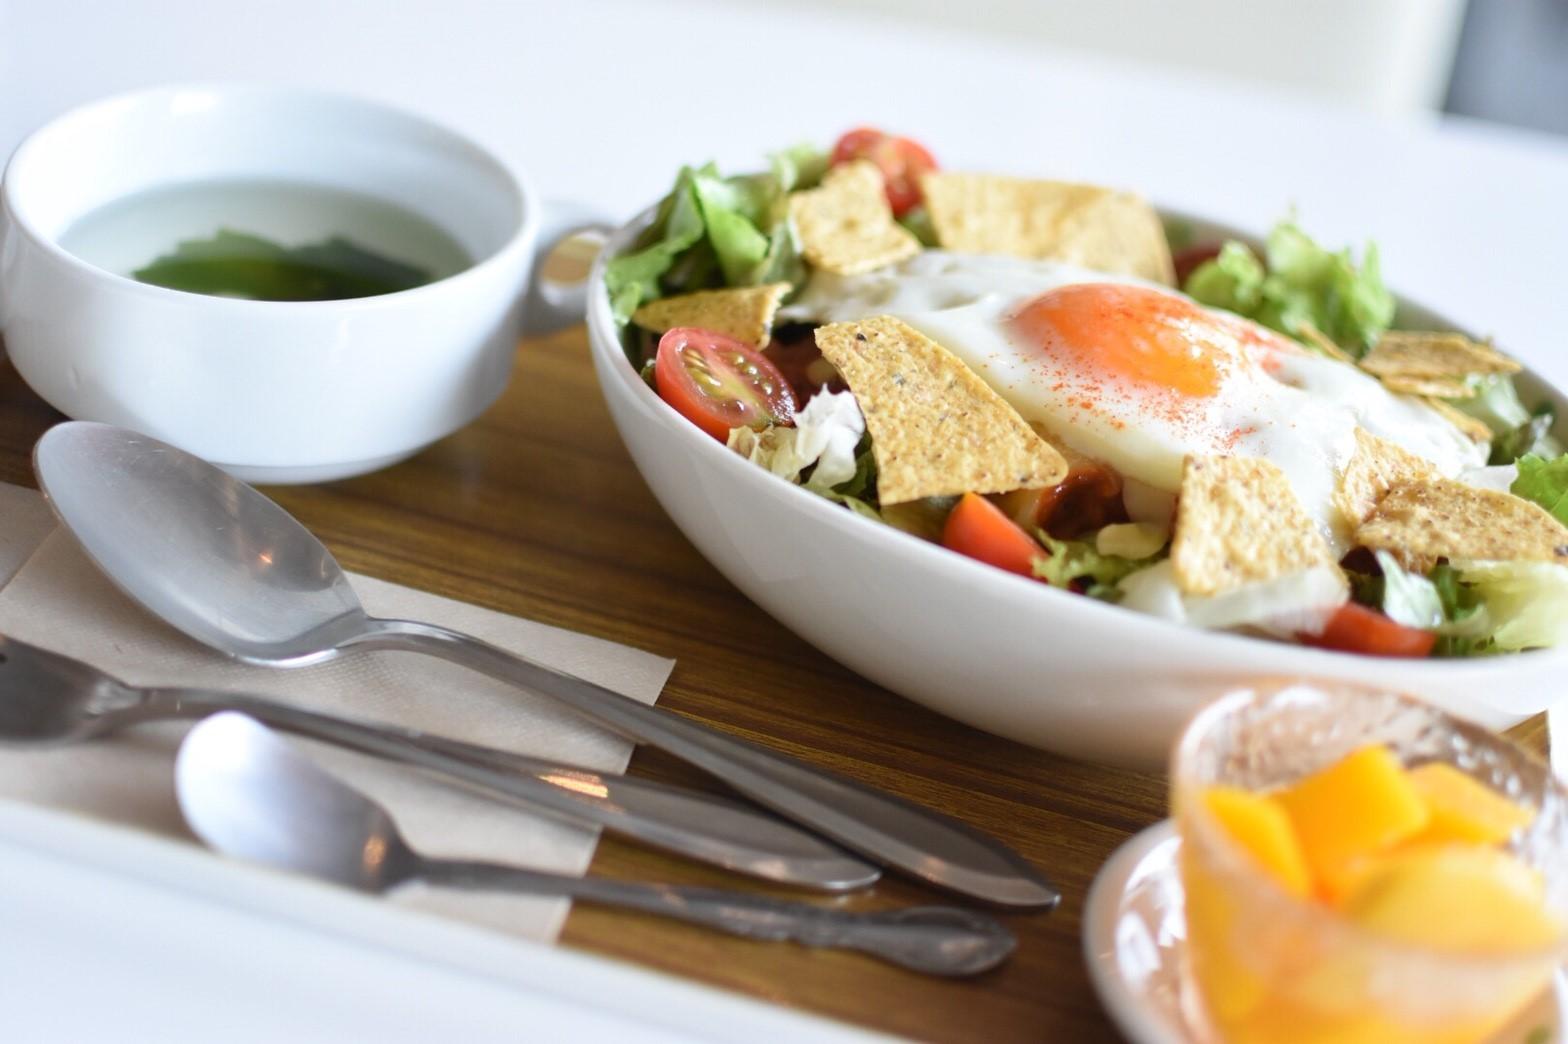 旬のお野菜が体にも美味しい!清潔感溢れるカフェでゆっくりランチ「みさきcafe」